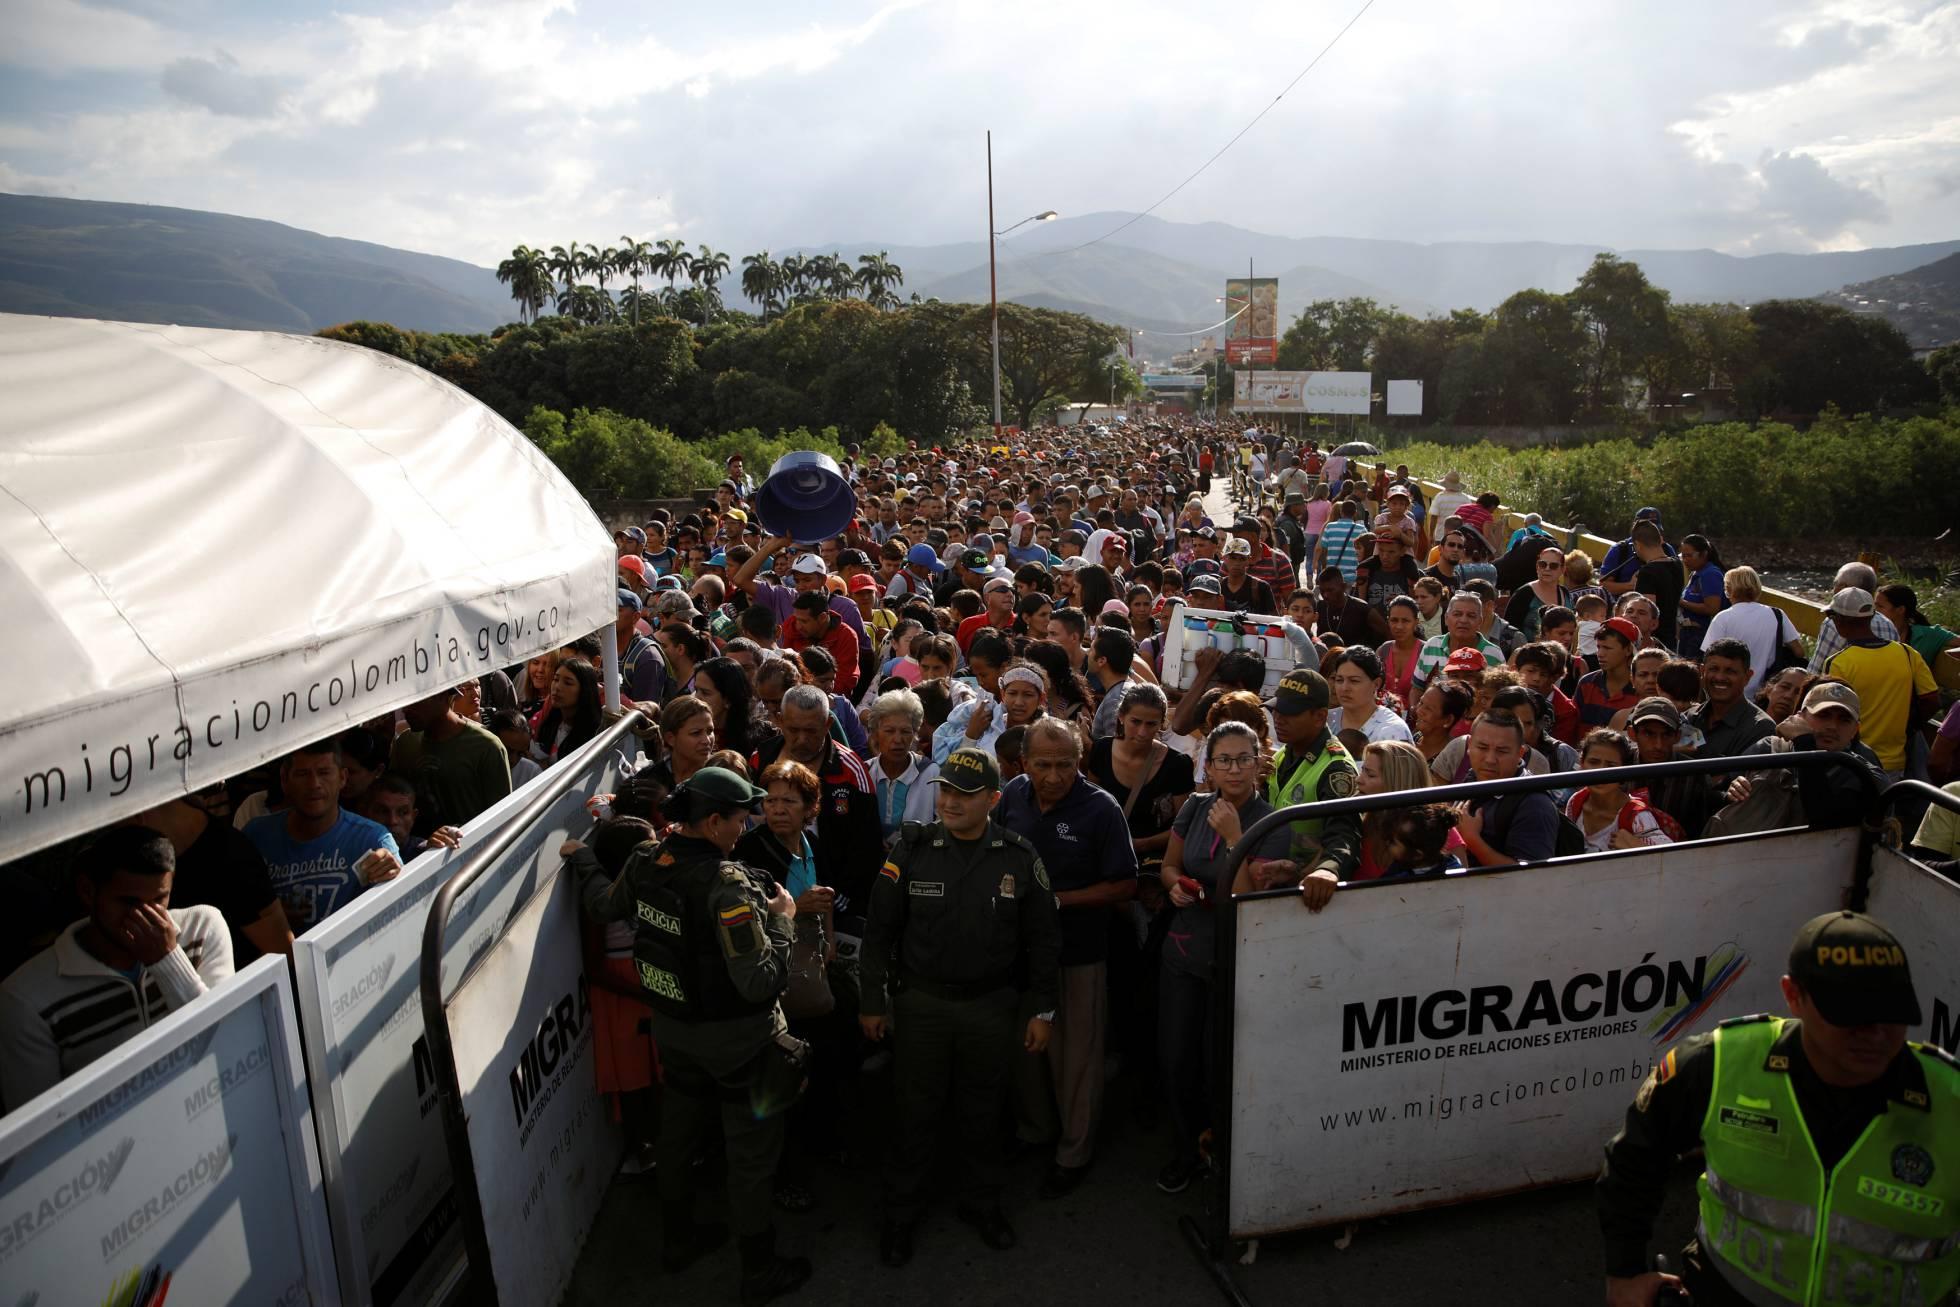 Más del 90% de los venezolanos que viven en Colombia entraron en los últimos dos años